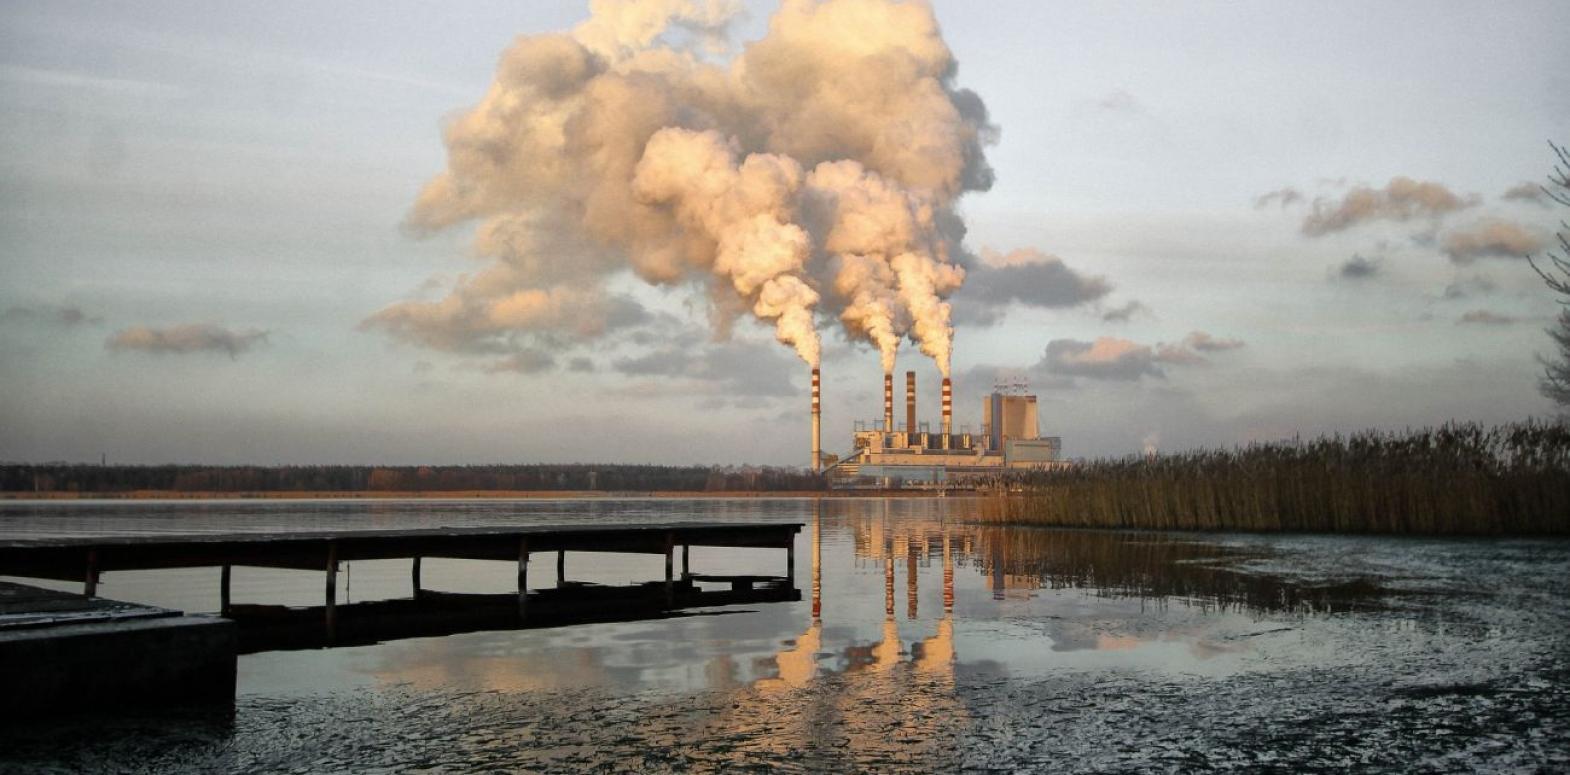 Украина ставит перед собой нереальные климатические амбиции, - эколог